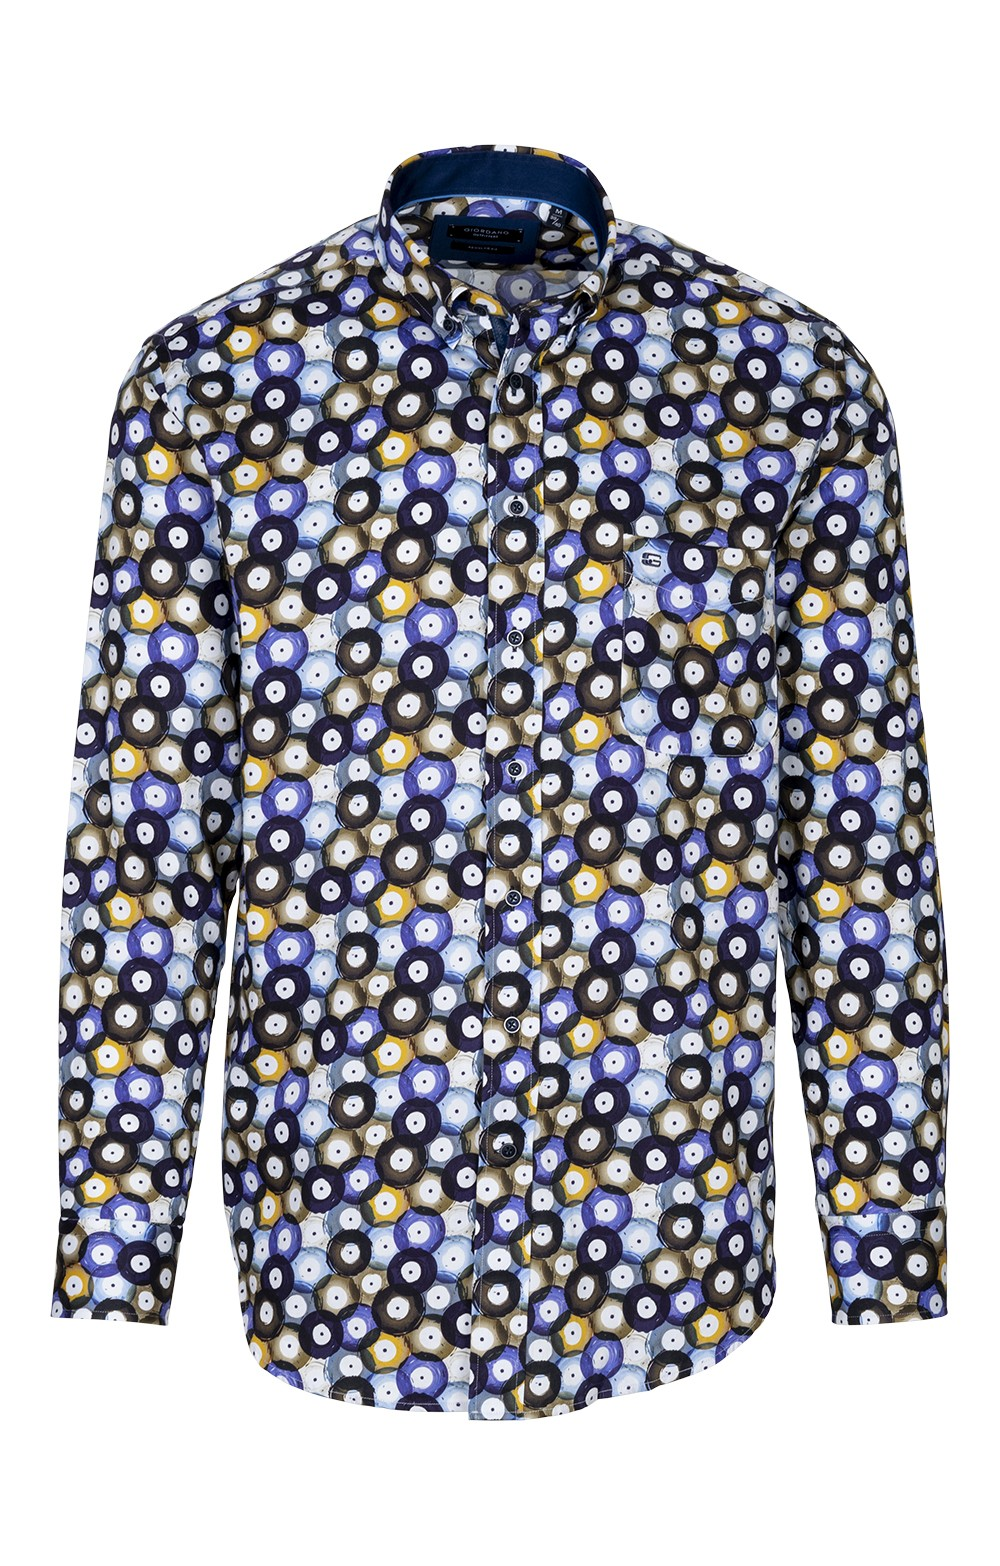 169f7a3fd1617e Mens Baileys Cotton Print Shirt - House of Bruar